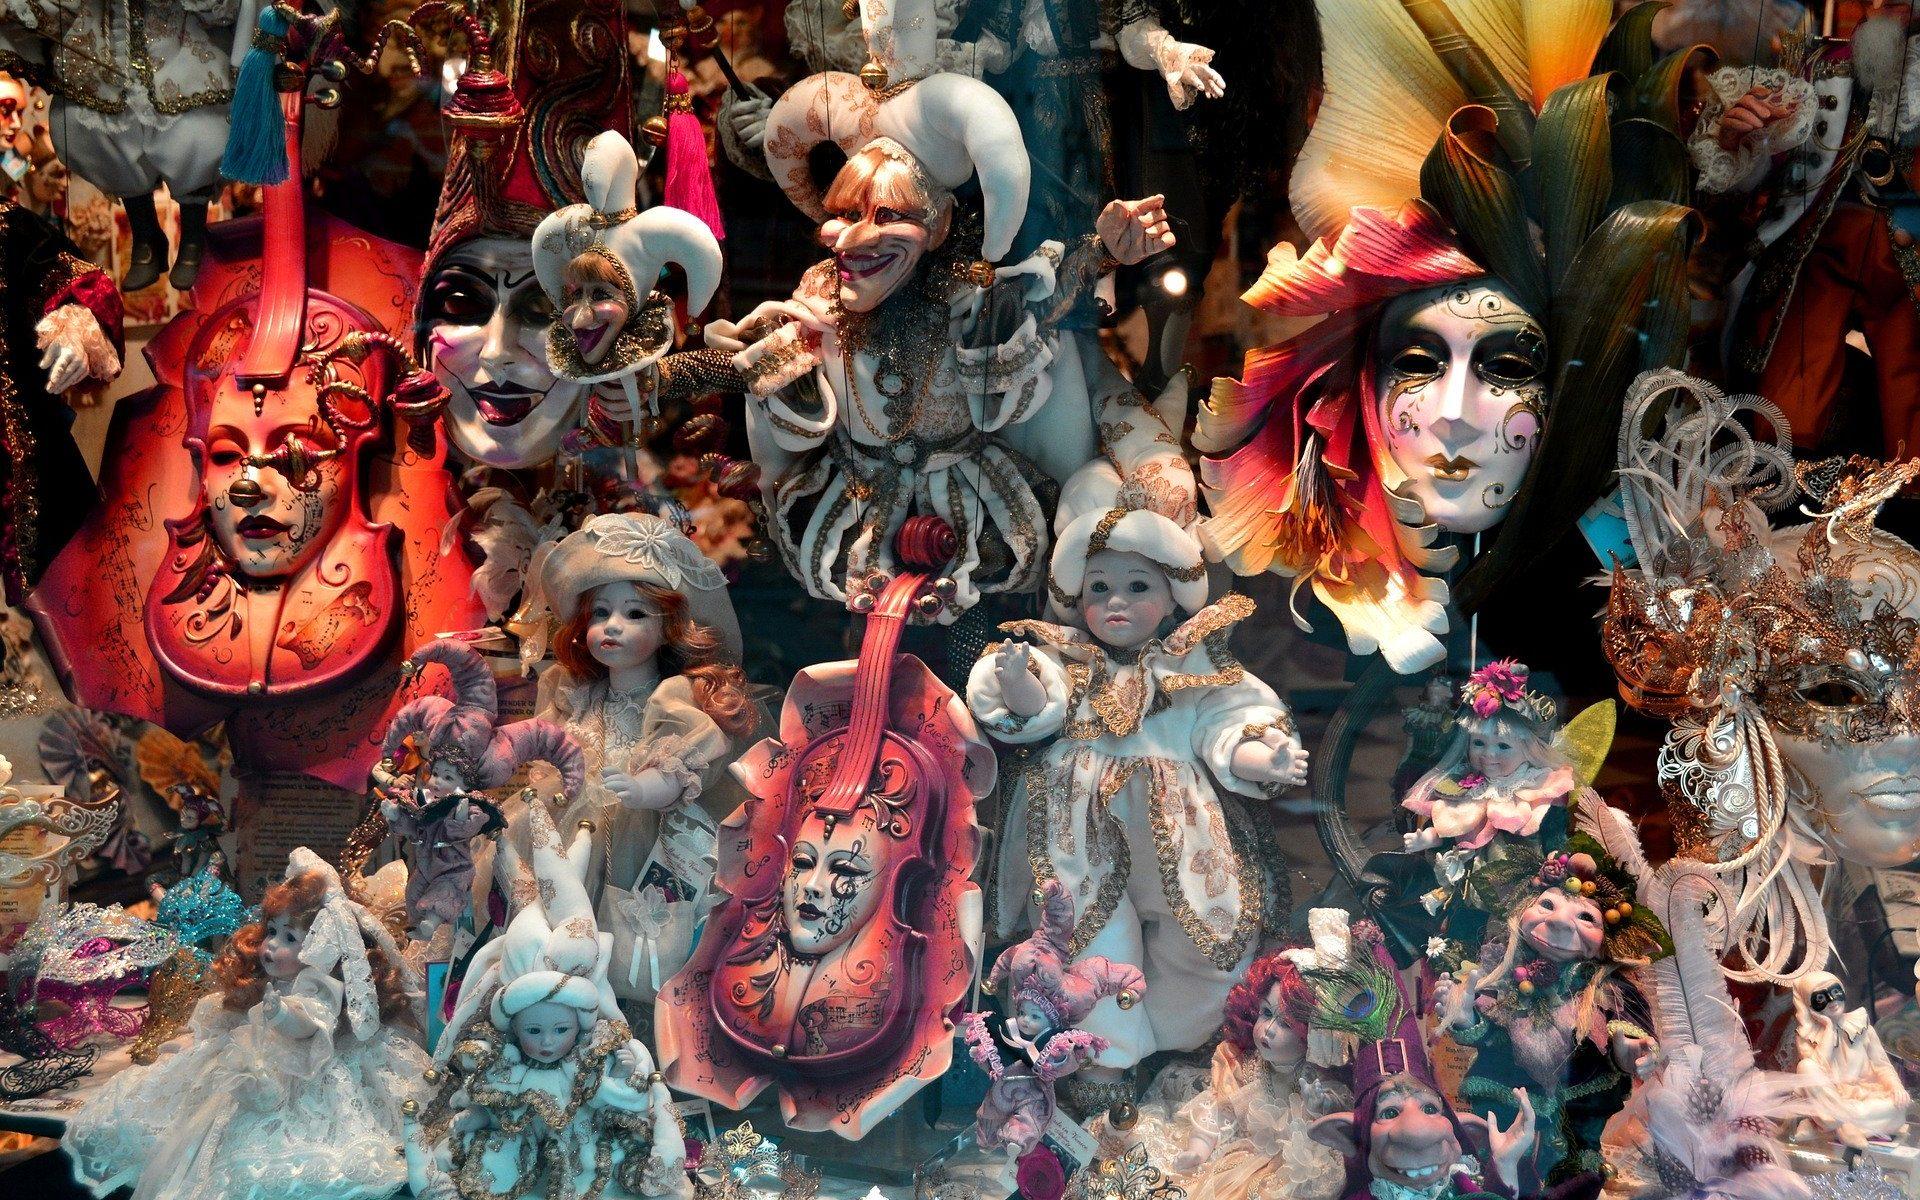 masks-1242822_1920